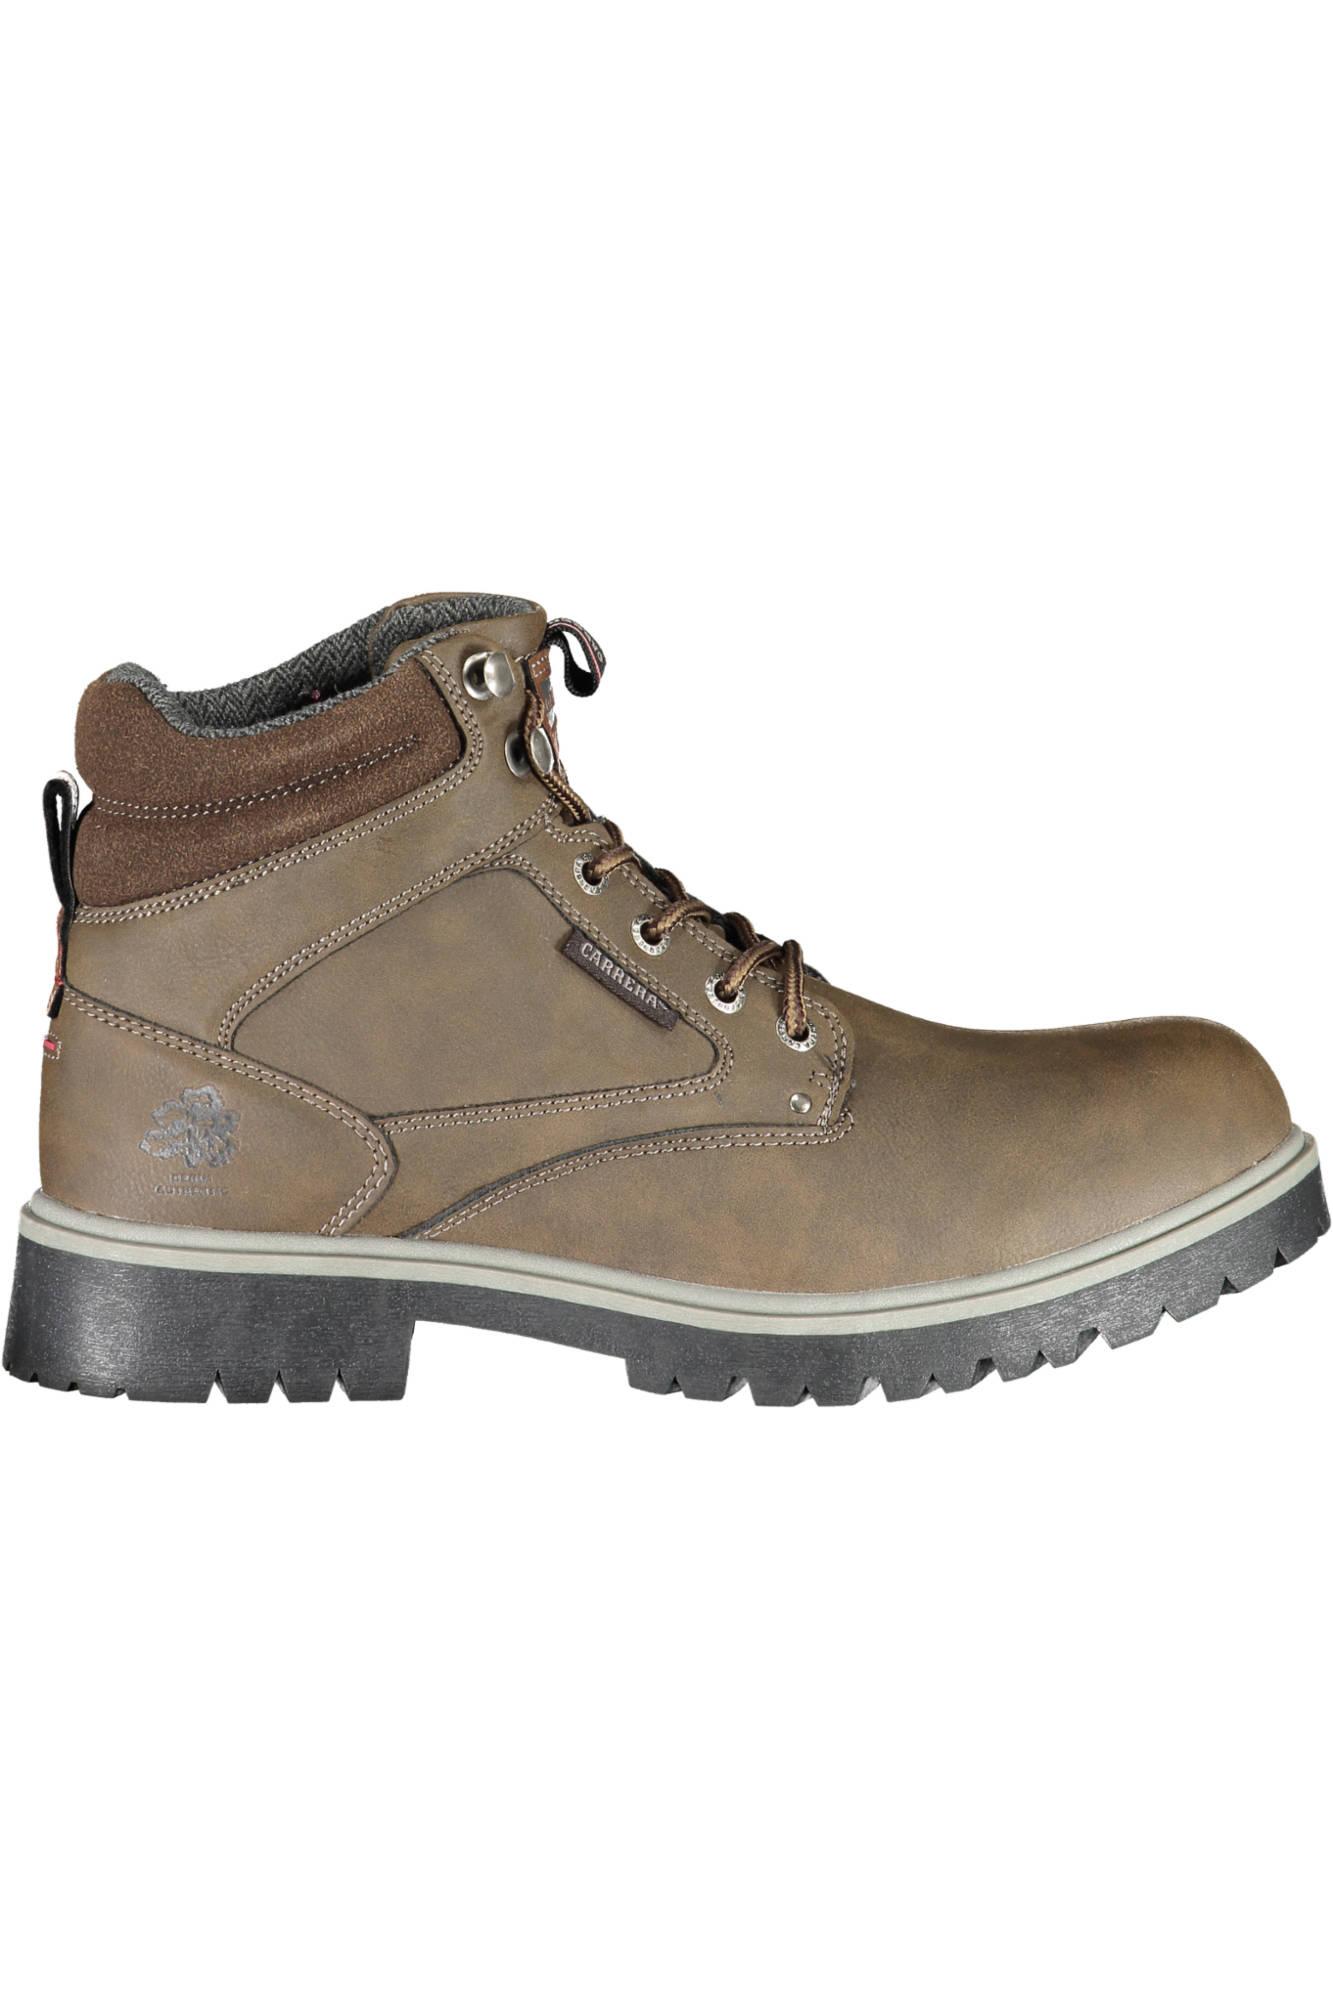 Boty CARRERA kotníkové boty MARRONE